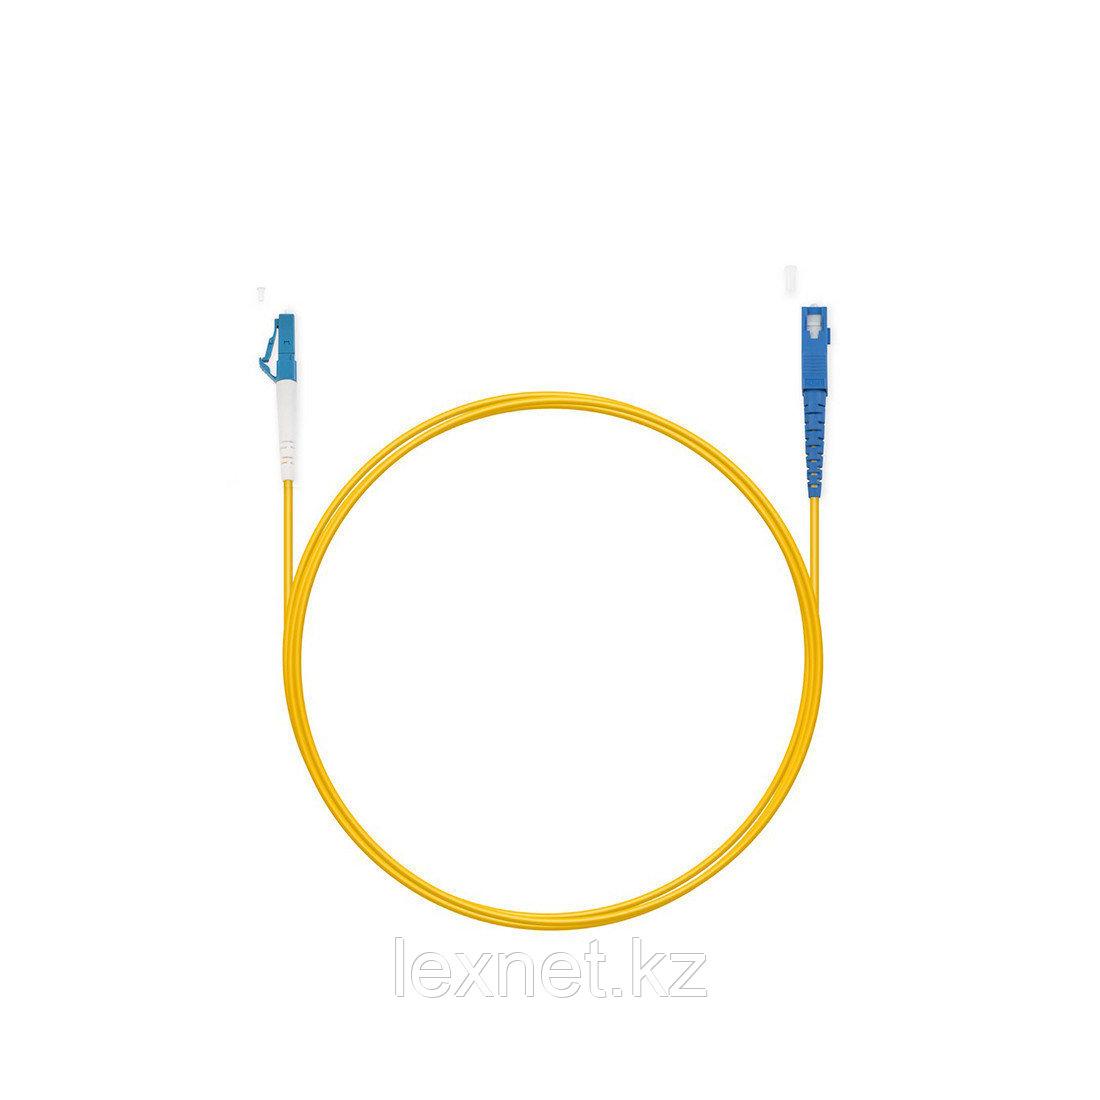 Патч Корд Оптоволоконный SC/APC-ST/UPC SM 9/125 Simplex 3.0мм 1 м